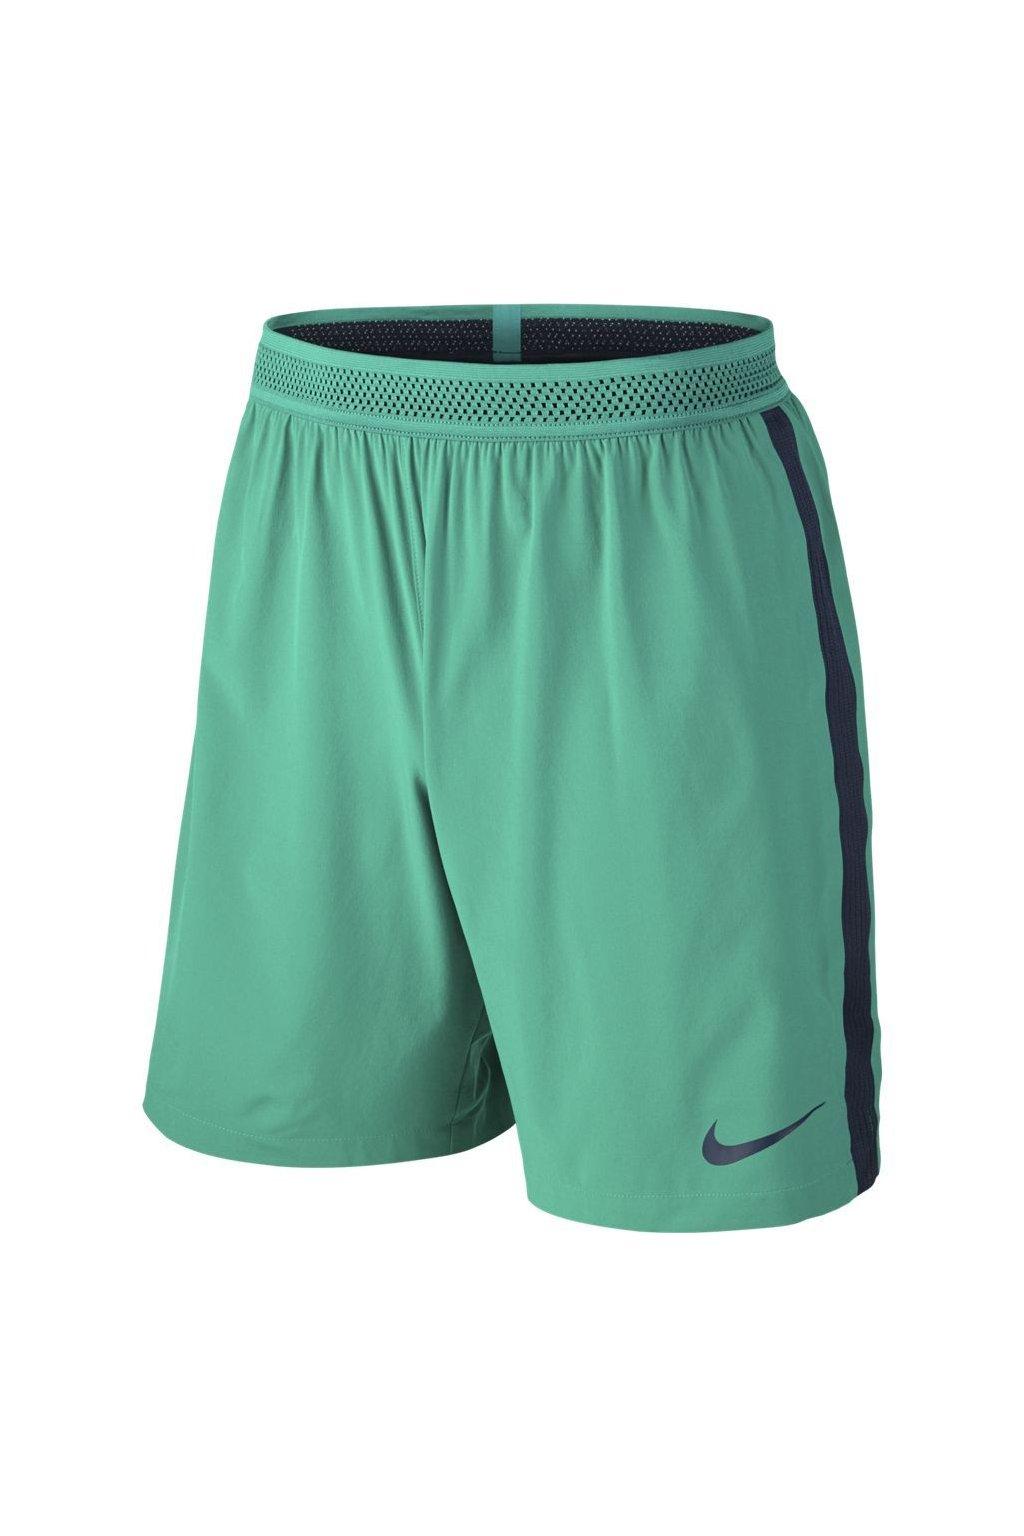 Pánske kraťasy Nike M NK FLX Strike W zelené 804298 351